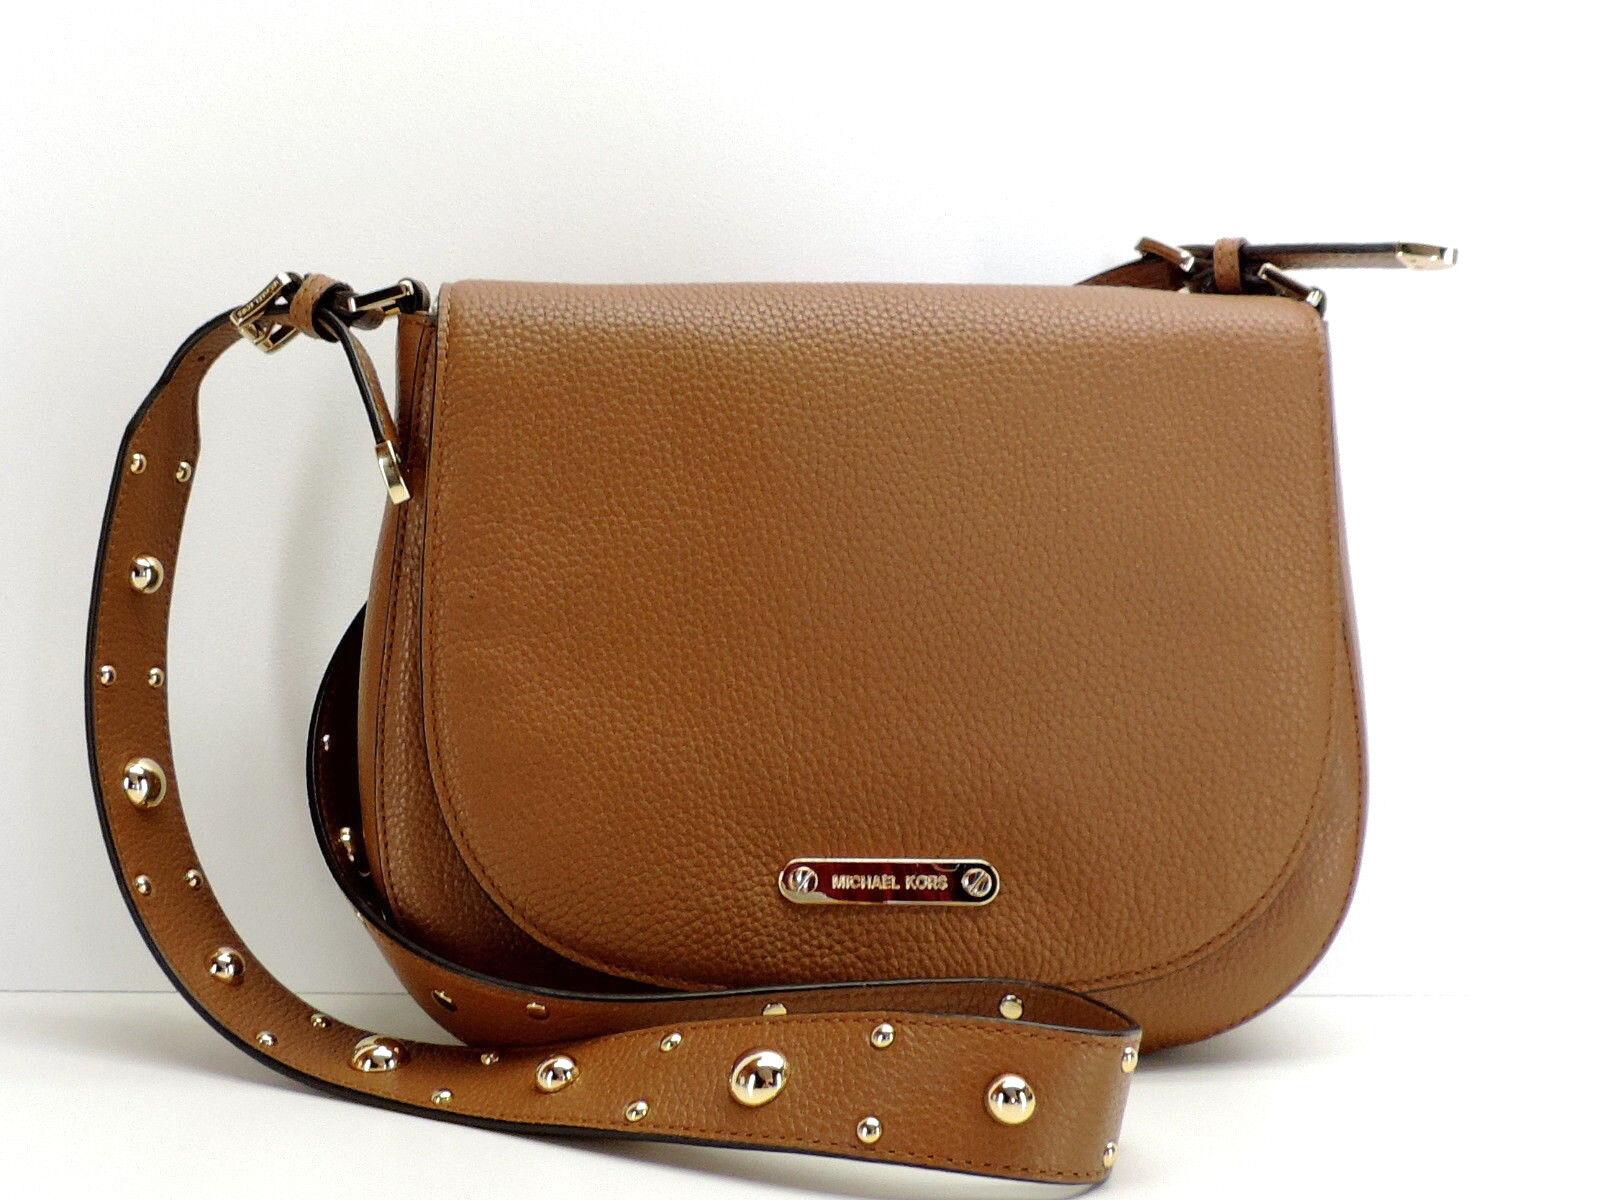 Michael Kors Hayes Leather Crossbody Saddlebag Handbag Brown